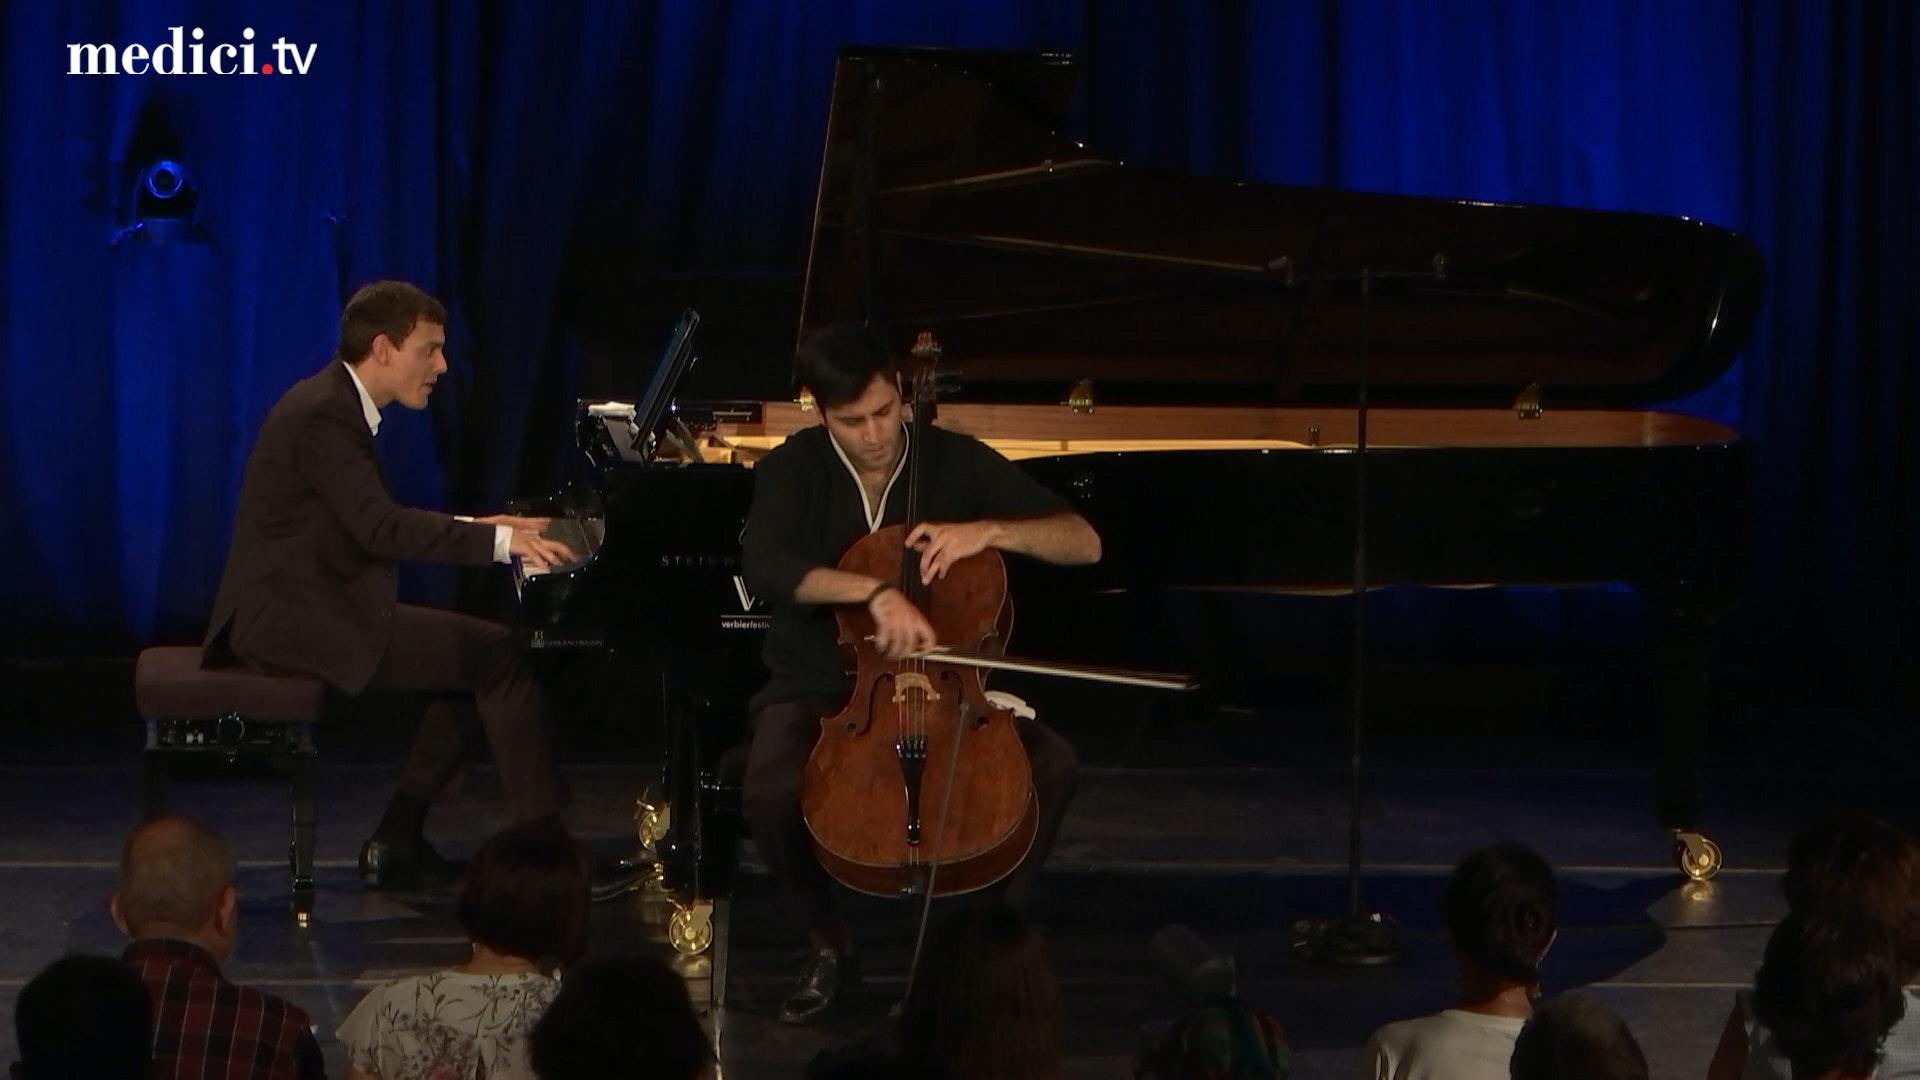 Kian Soltani et Aaron Pilsan jouent Bach, Brahms, Larcher, Vali et Piazzolla